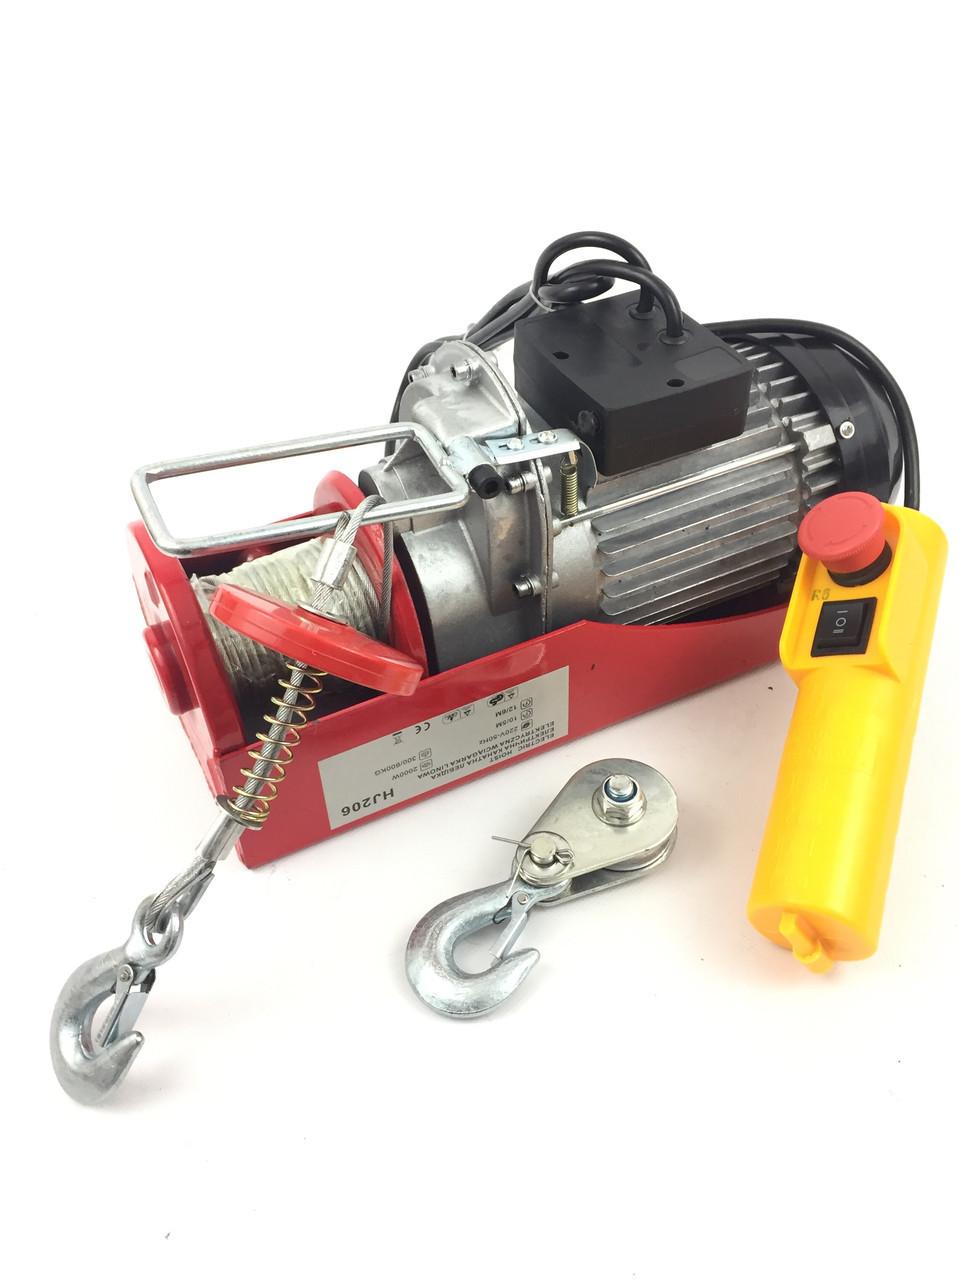 Тельфер электрический Euro Craft 300/600 кг (HJ206)